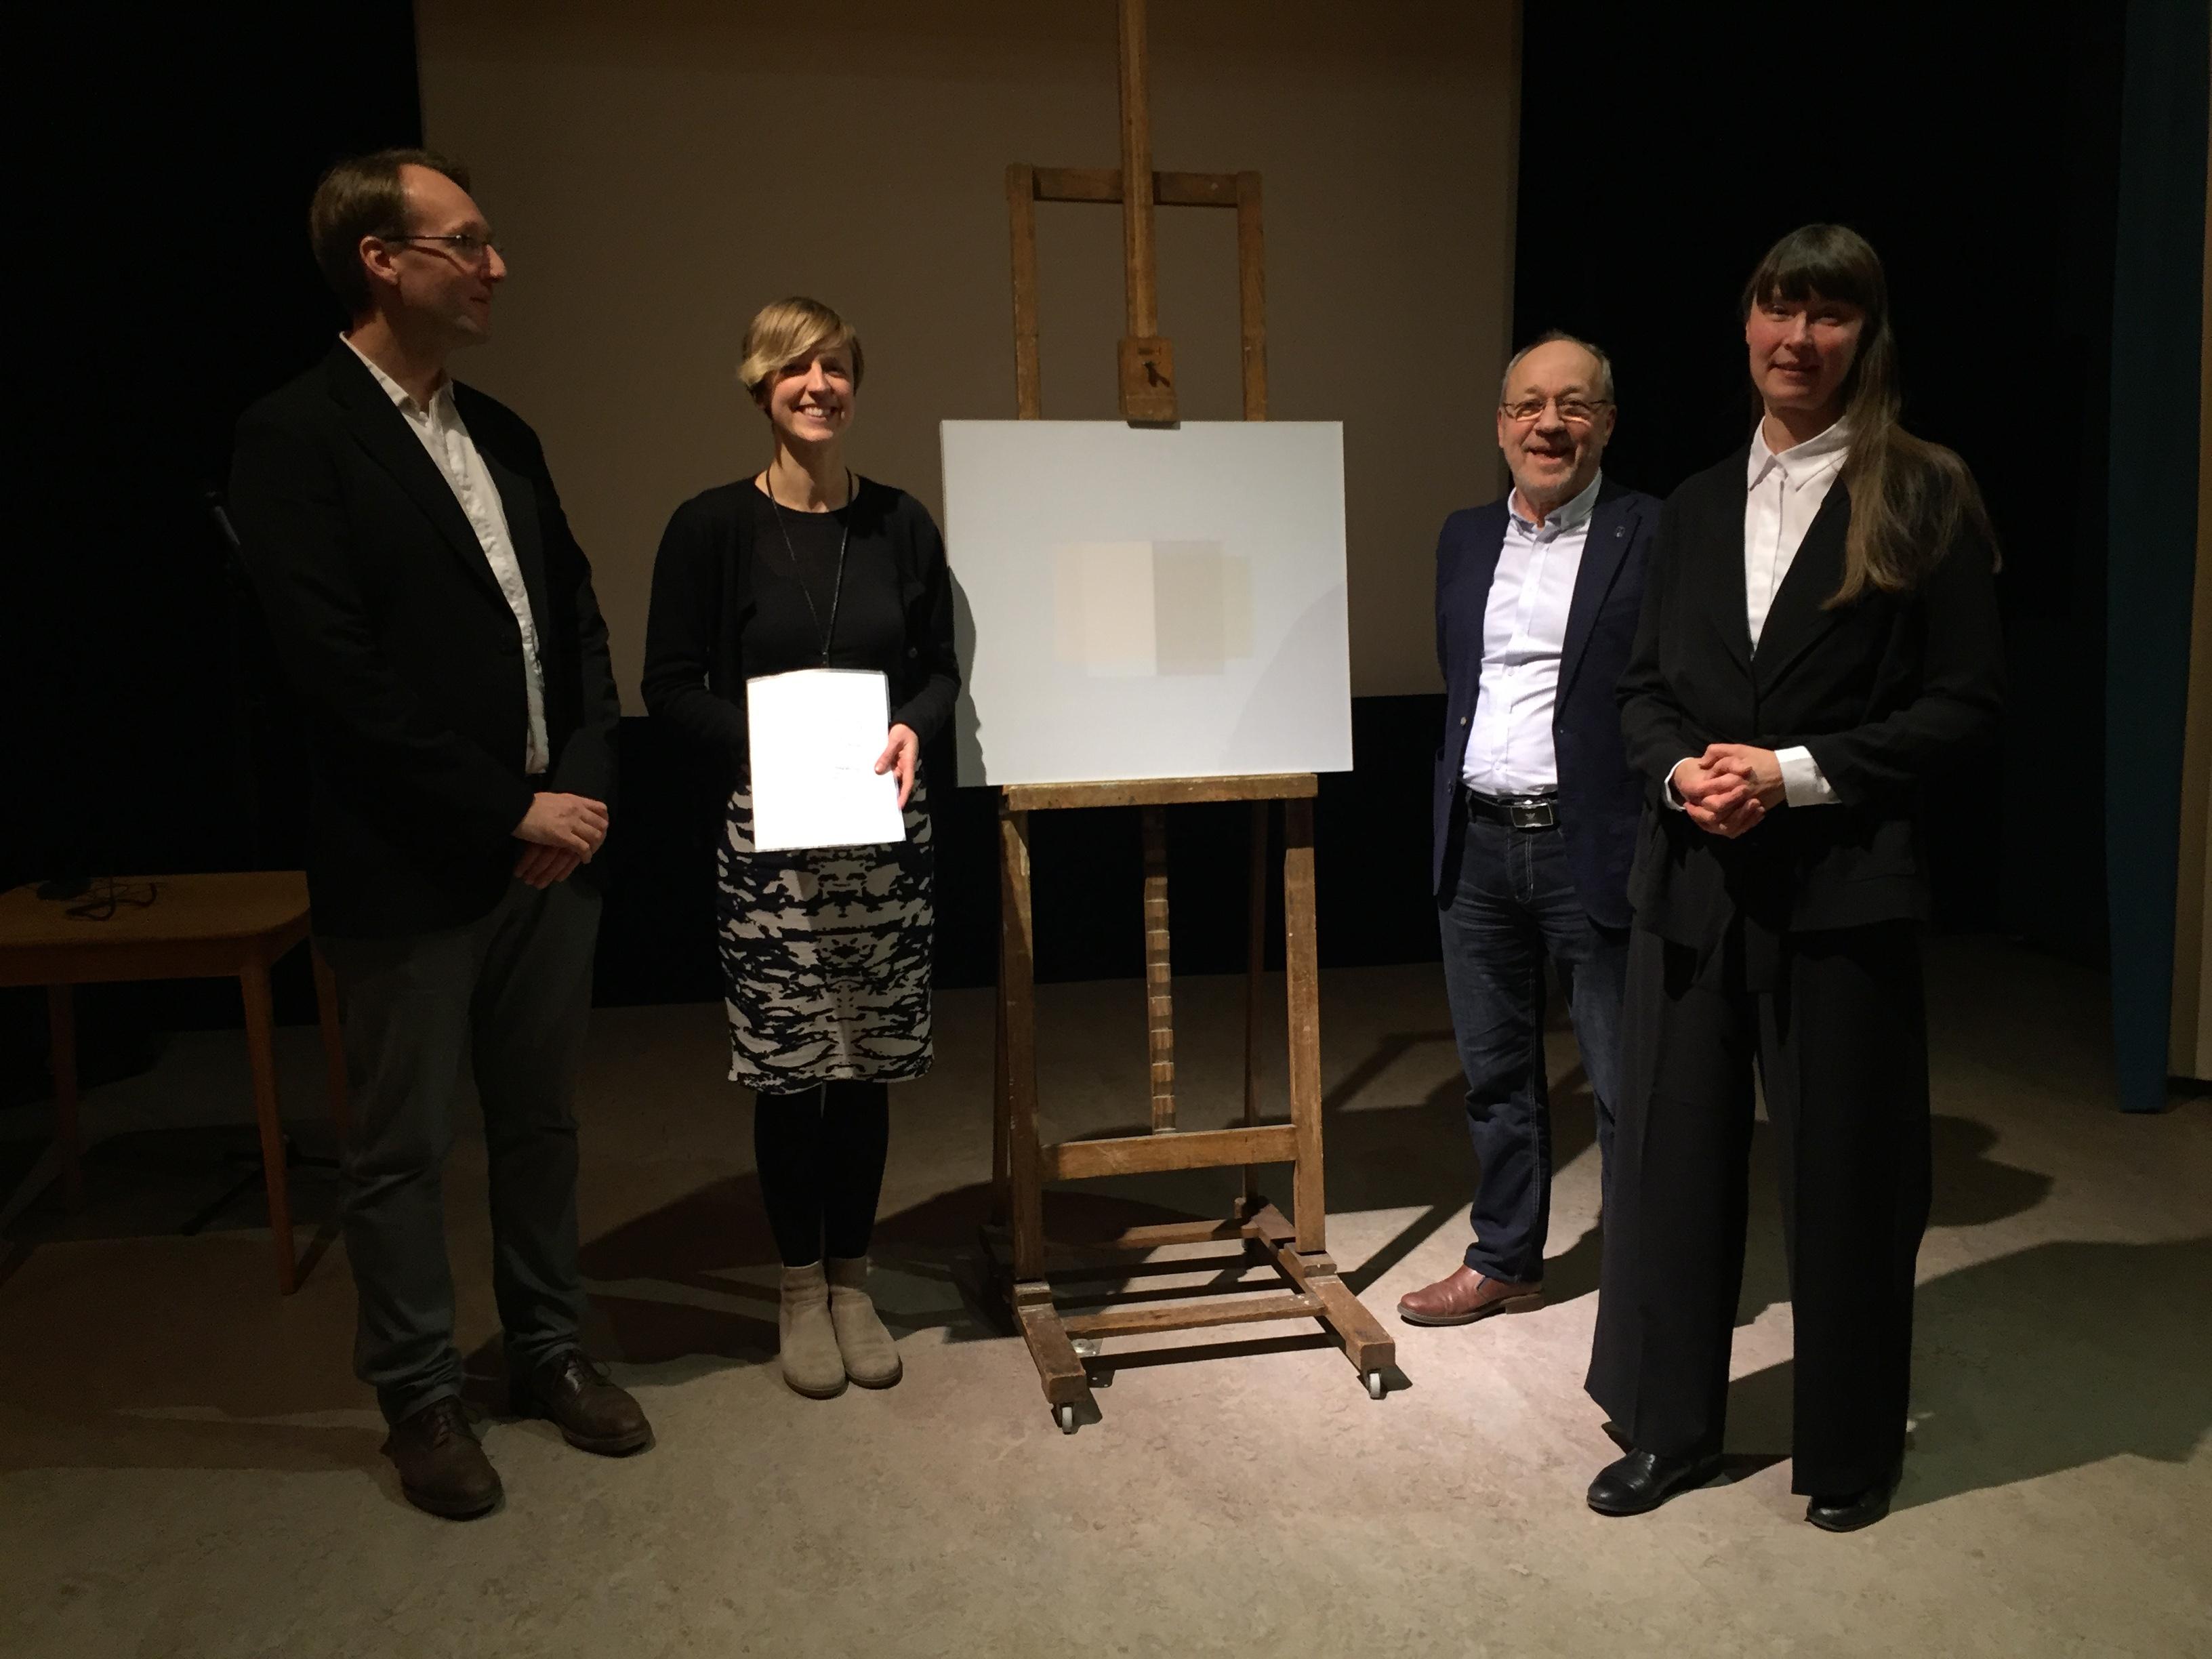 Vännern överlämnar konstgåva till Norrköpings Konstmuseum här representerat av Martin Sundberg, intendent samlingar, Helena Scragg, intent utställningar. Ordförande Anders Wickström och konstnär Katarina Andersson. Foto C. Fahlén